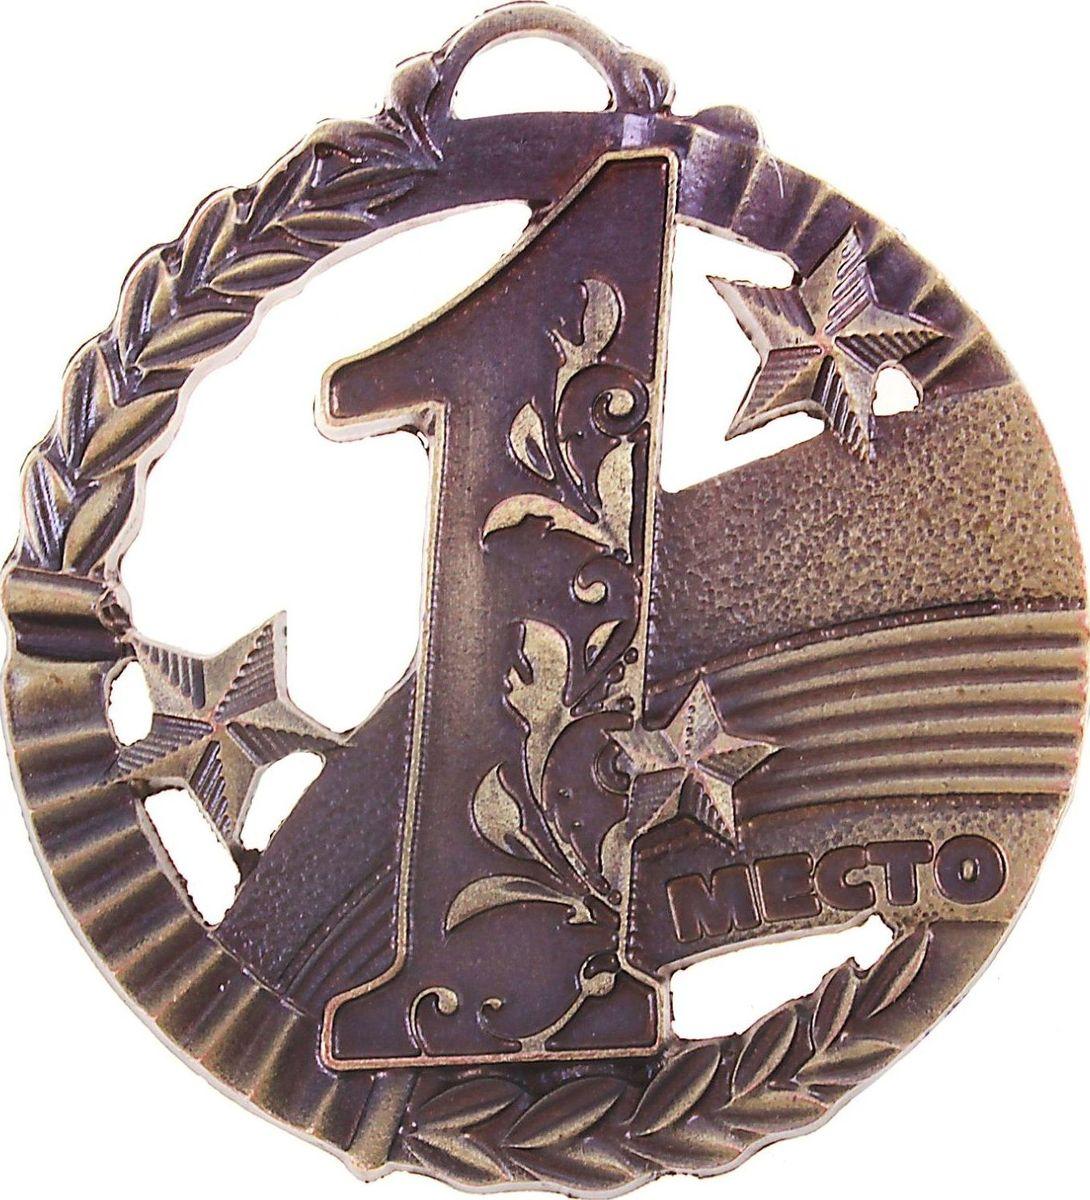 Медаль сувенирная 1 место, цвет: золотистый, диаметр 5 см. 0071500596Эта универсальная медаль с классическим дизайном подойдёт для любых соревнований. вы сможете дополнить её персональной гравировкой или корпоративной символикой.Если необходимо подчеркнуть важность домашнего или корпоративного спортивного мероприятия, то оригинальным и запоминающимся итогом соревнований будет вручение медалей участникам и победителям. Диаметр медали: 5 см. Сверху расположено отверстие для крепления ленты.